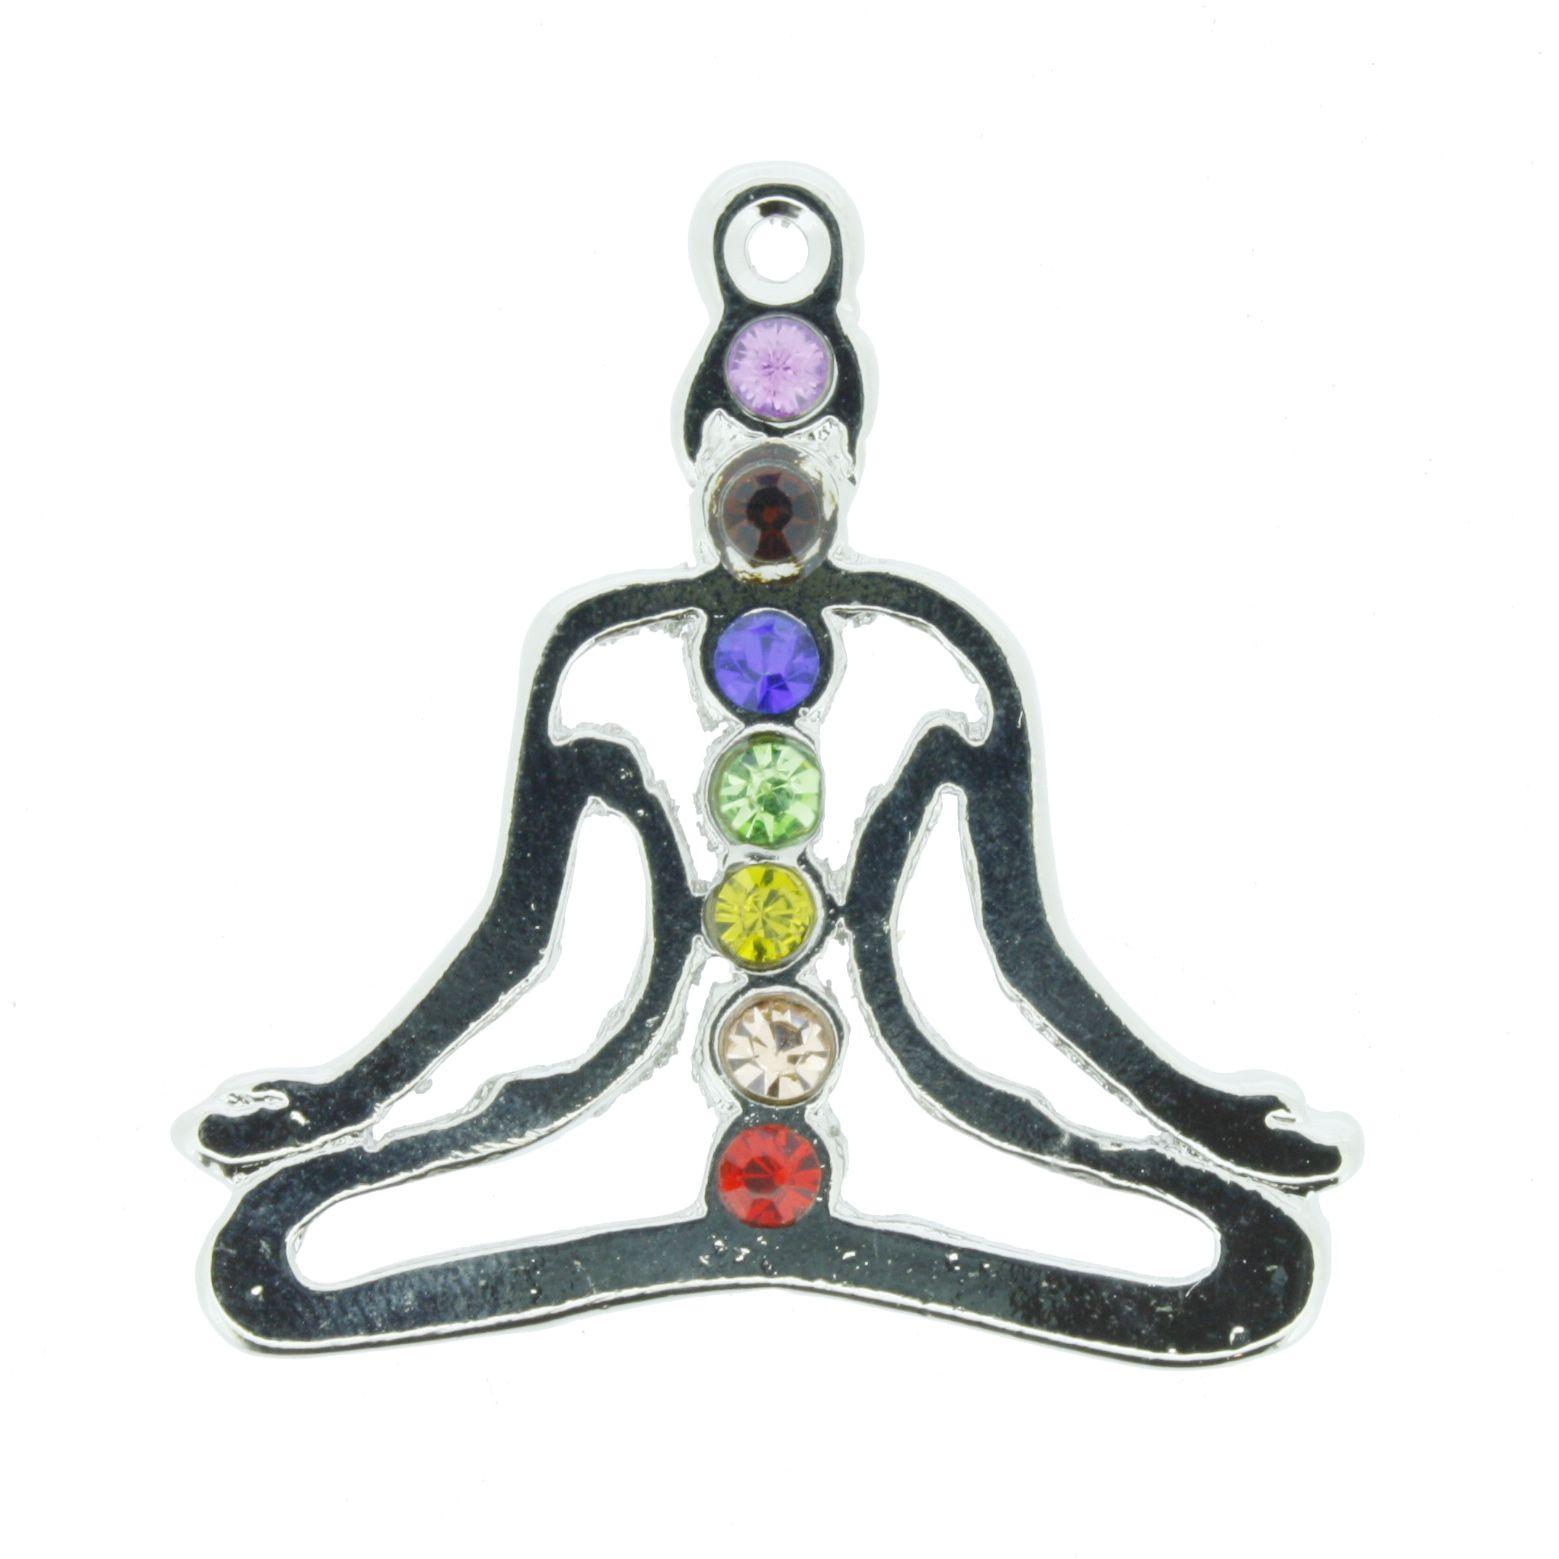 Pingente 7 Chakras - Yoga Masculino c/ Strass  - Universo Religioso® - Artigos de Umbanda e Candomblé